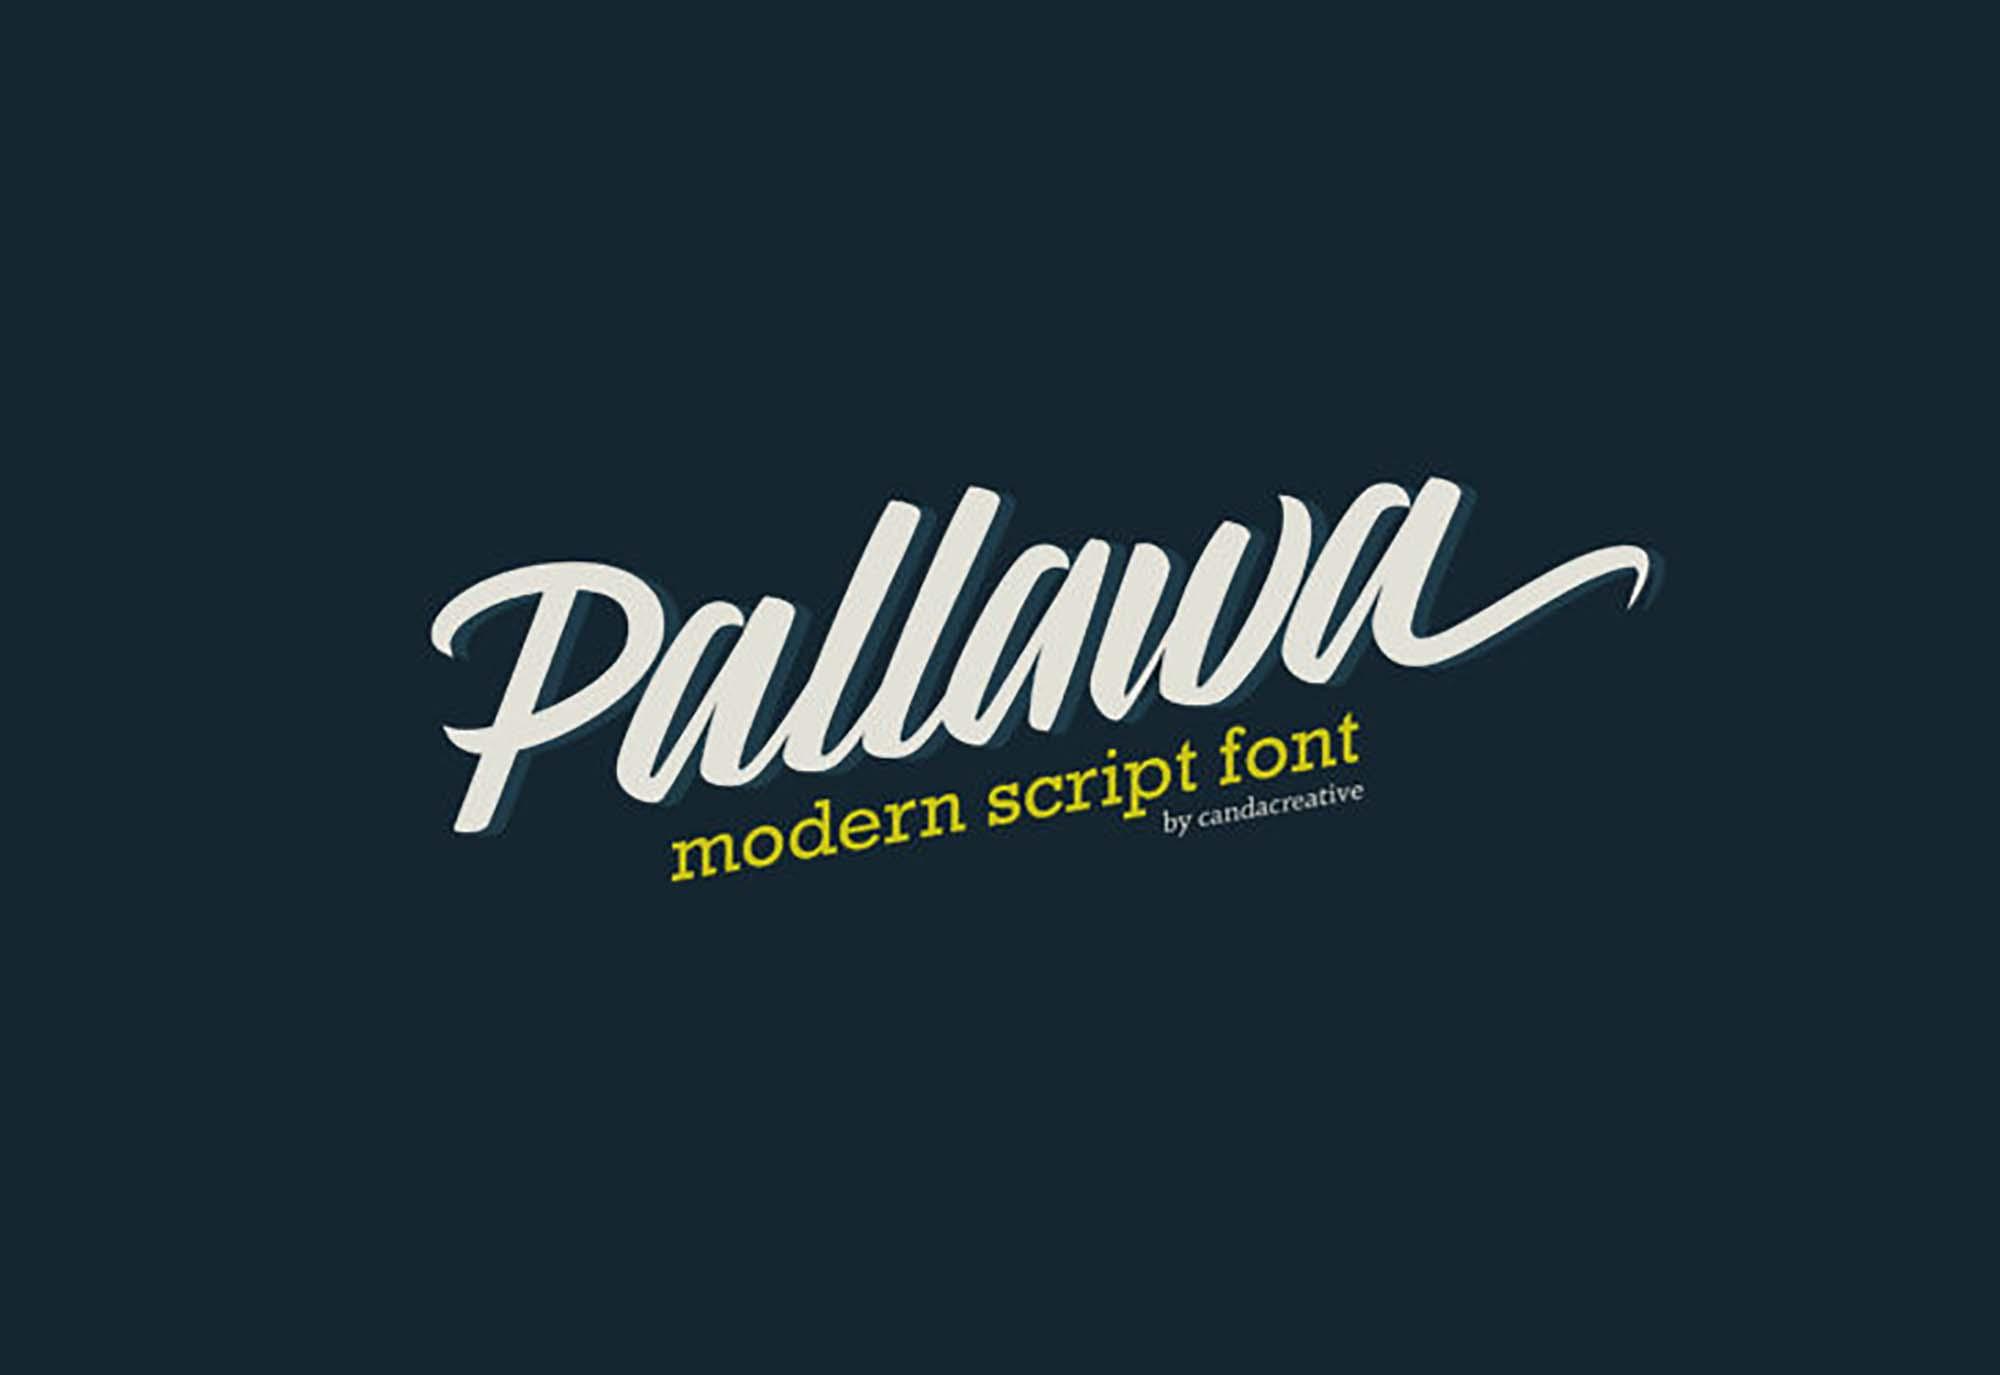 Pallawa Script Font